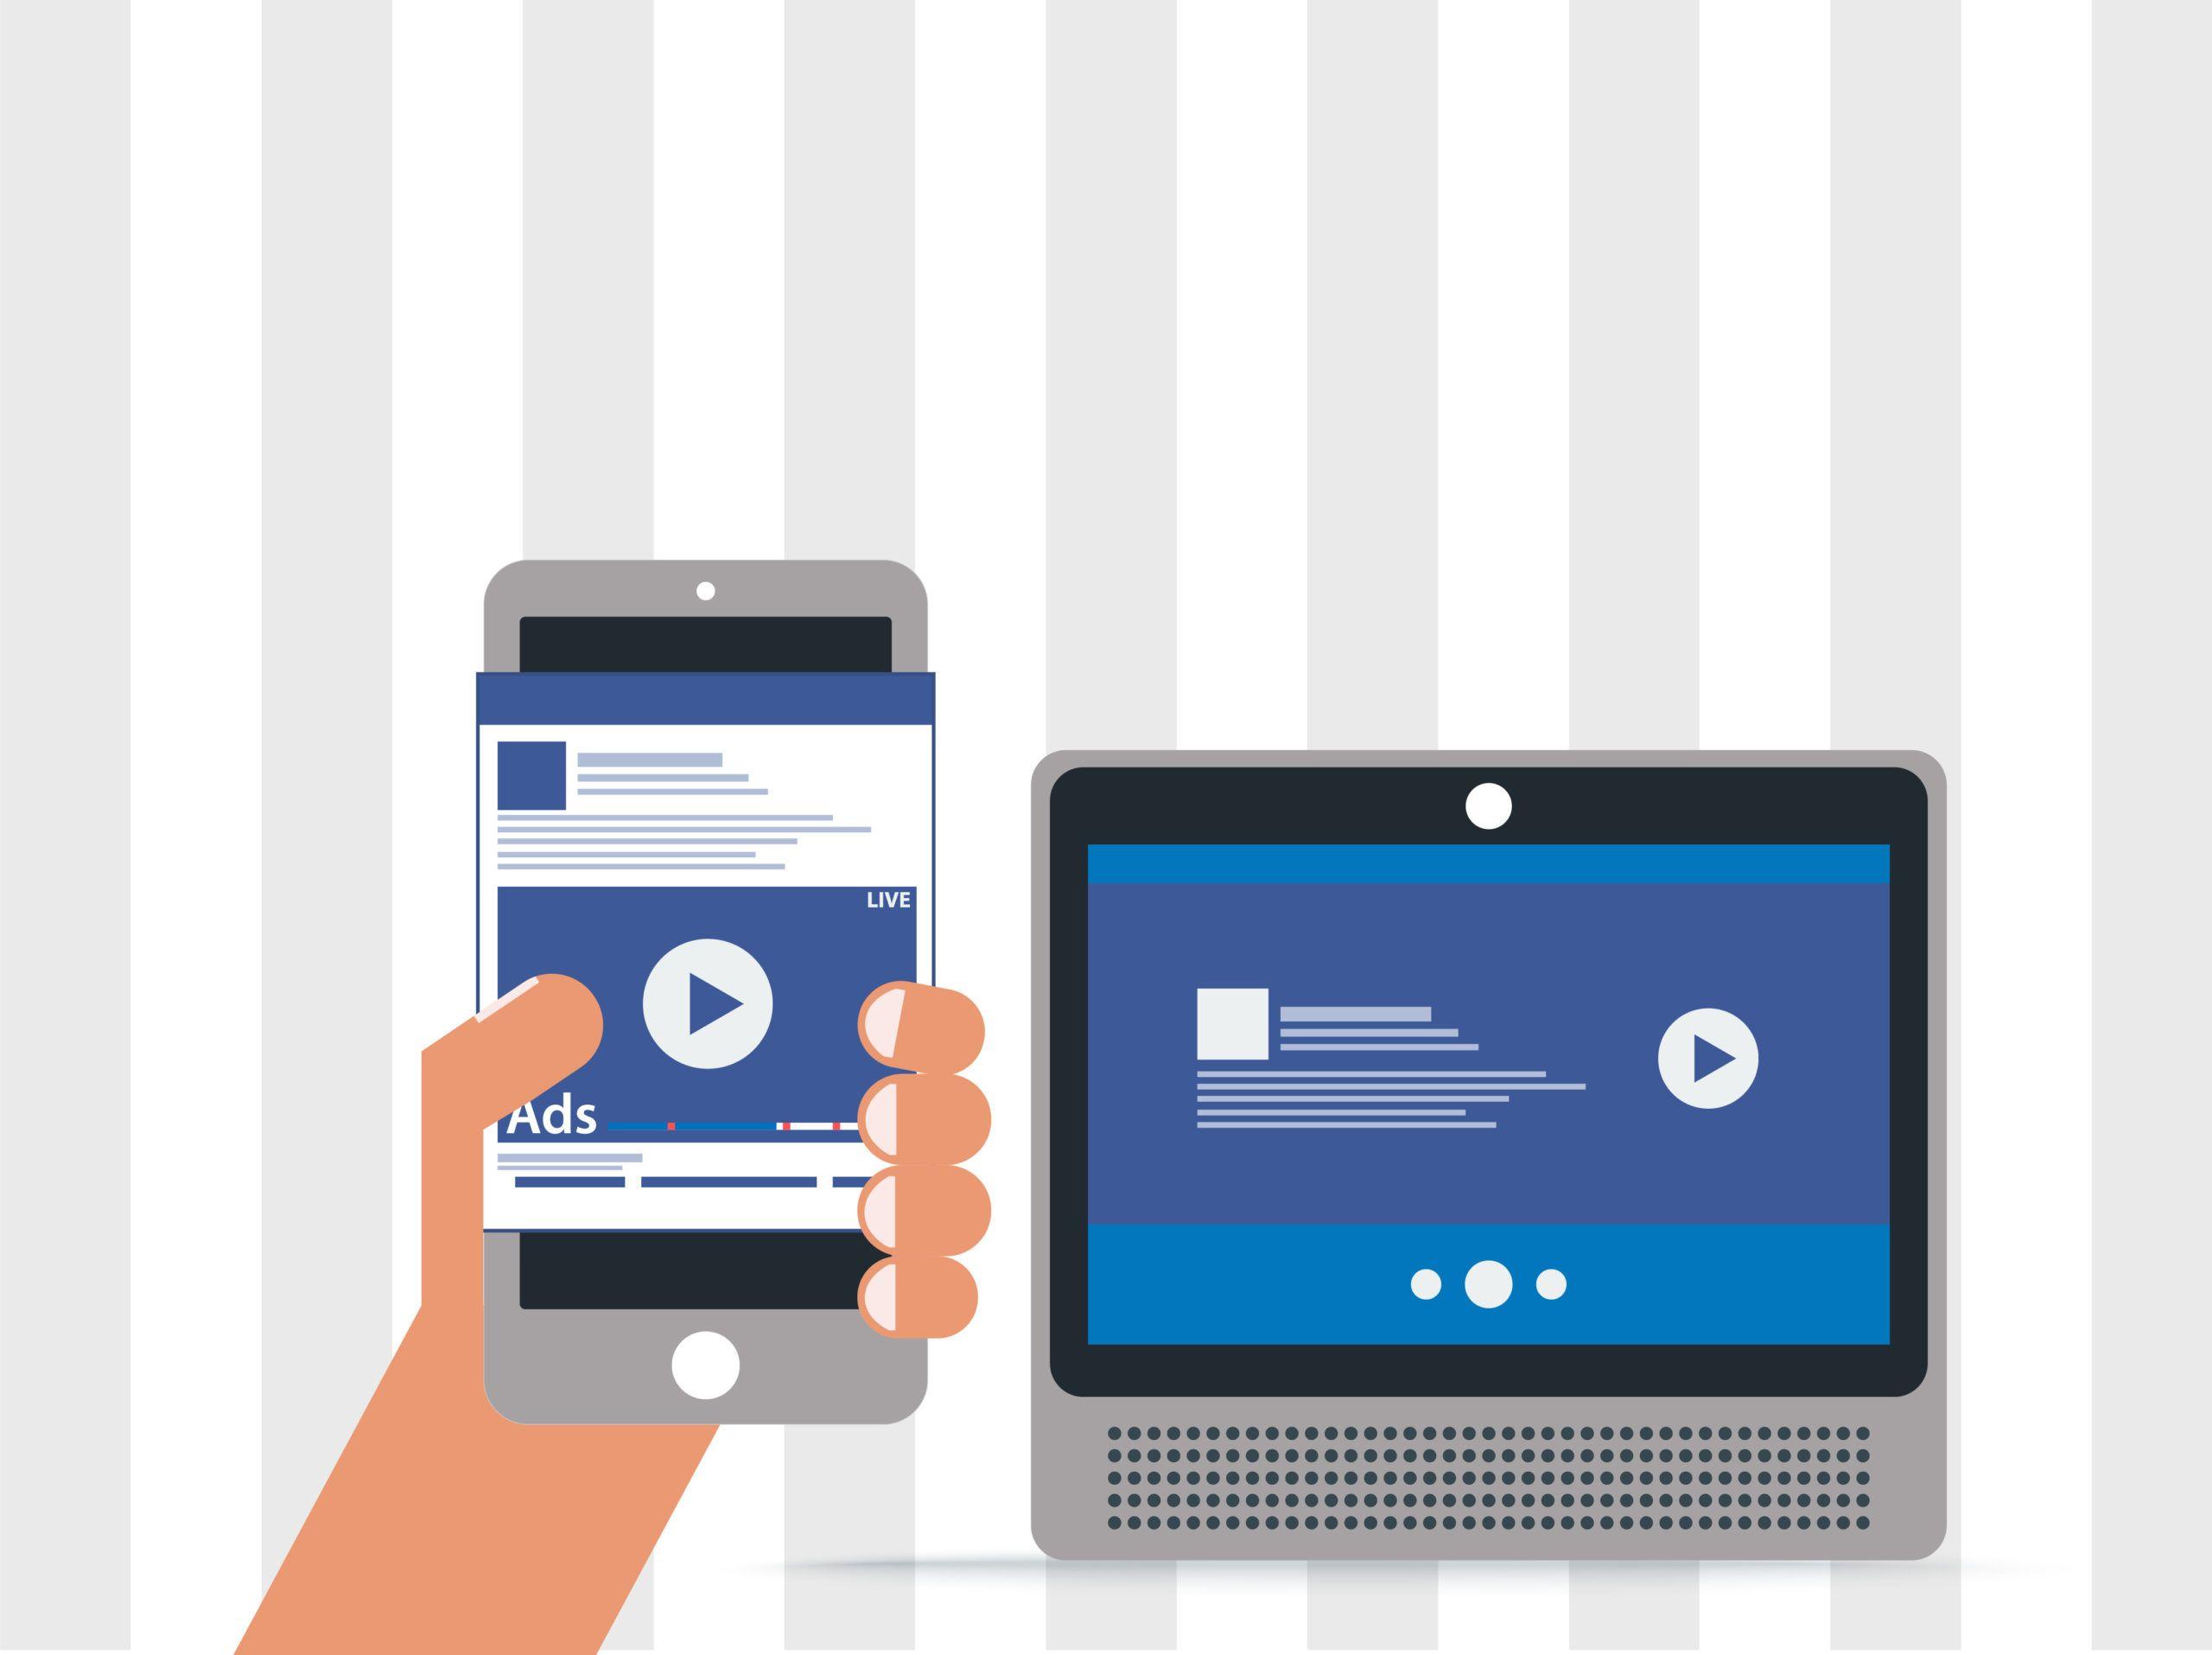 facebook-phone-vector-symbols